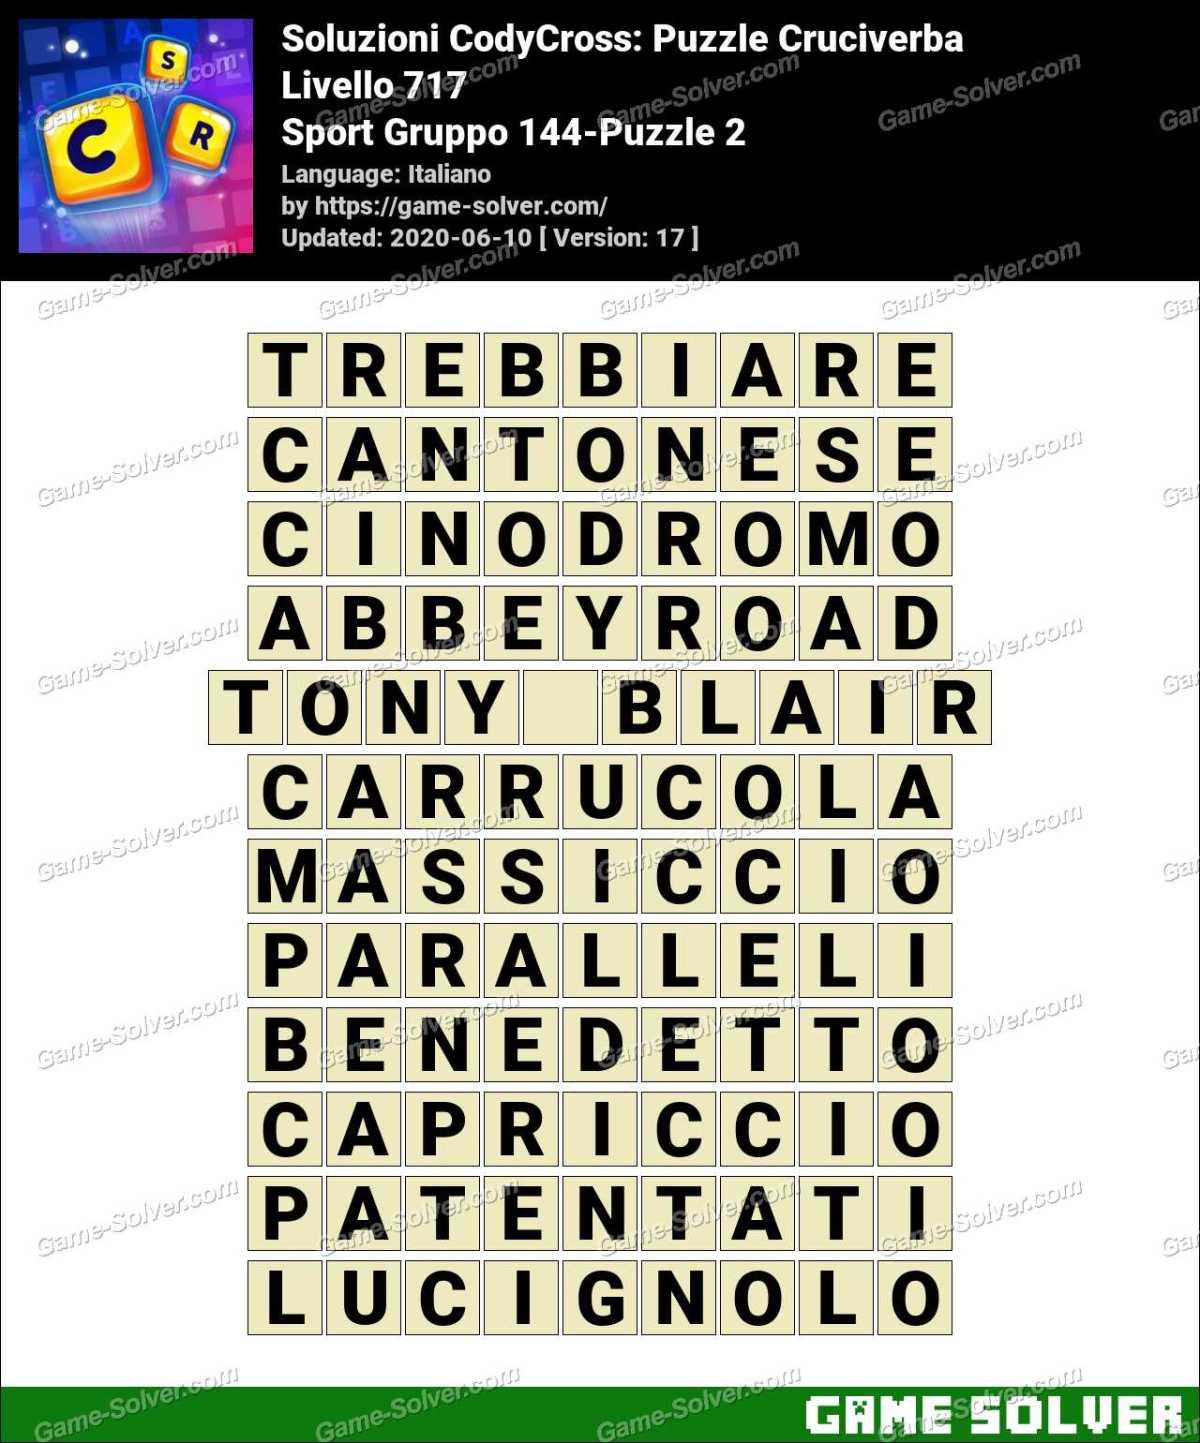 Soluzioni CodyCross Sport Gruppo 144-Puzzle 2